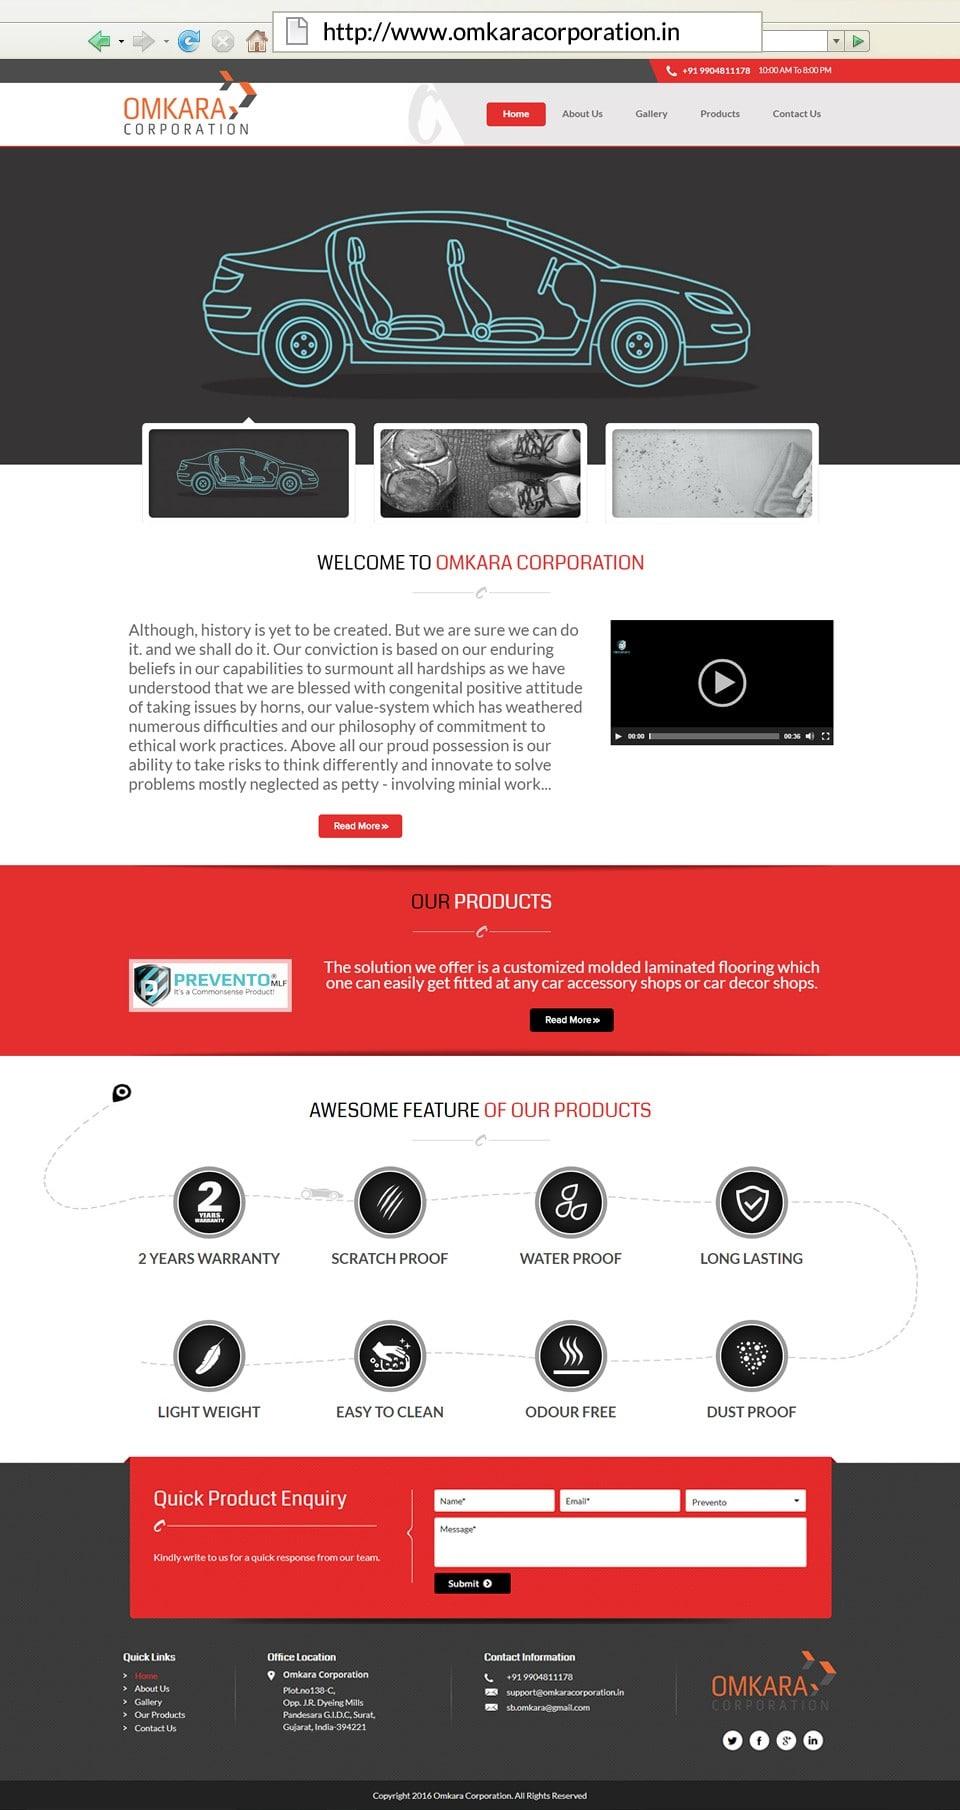 http://www.smartinfosys.net/50142/omkara-corporation.jpg